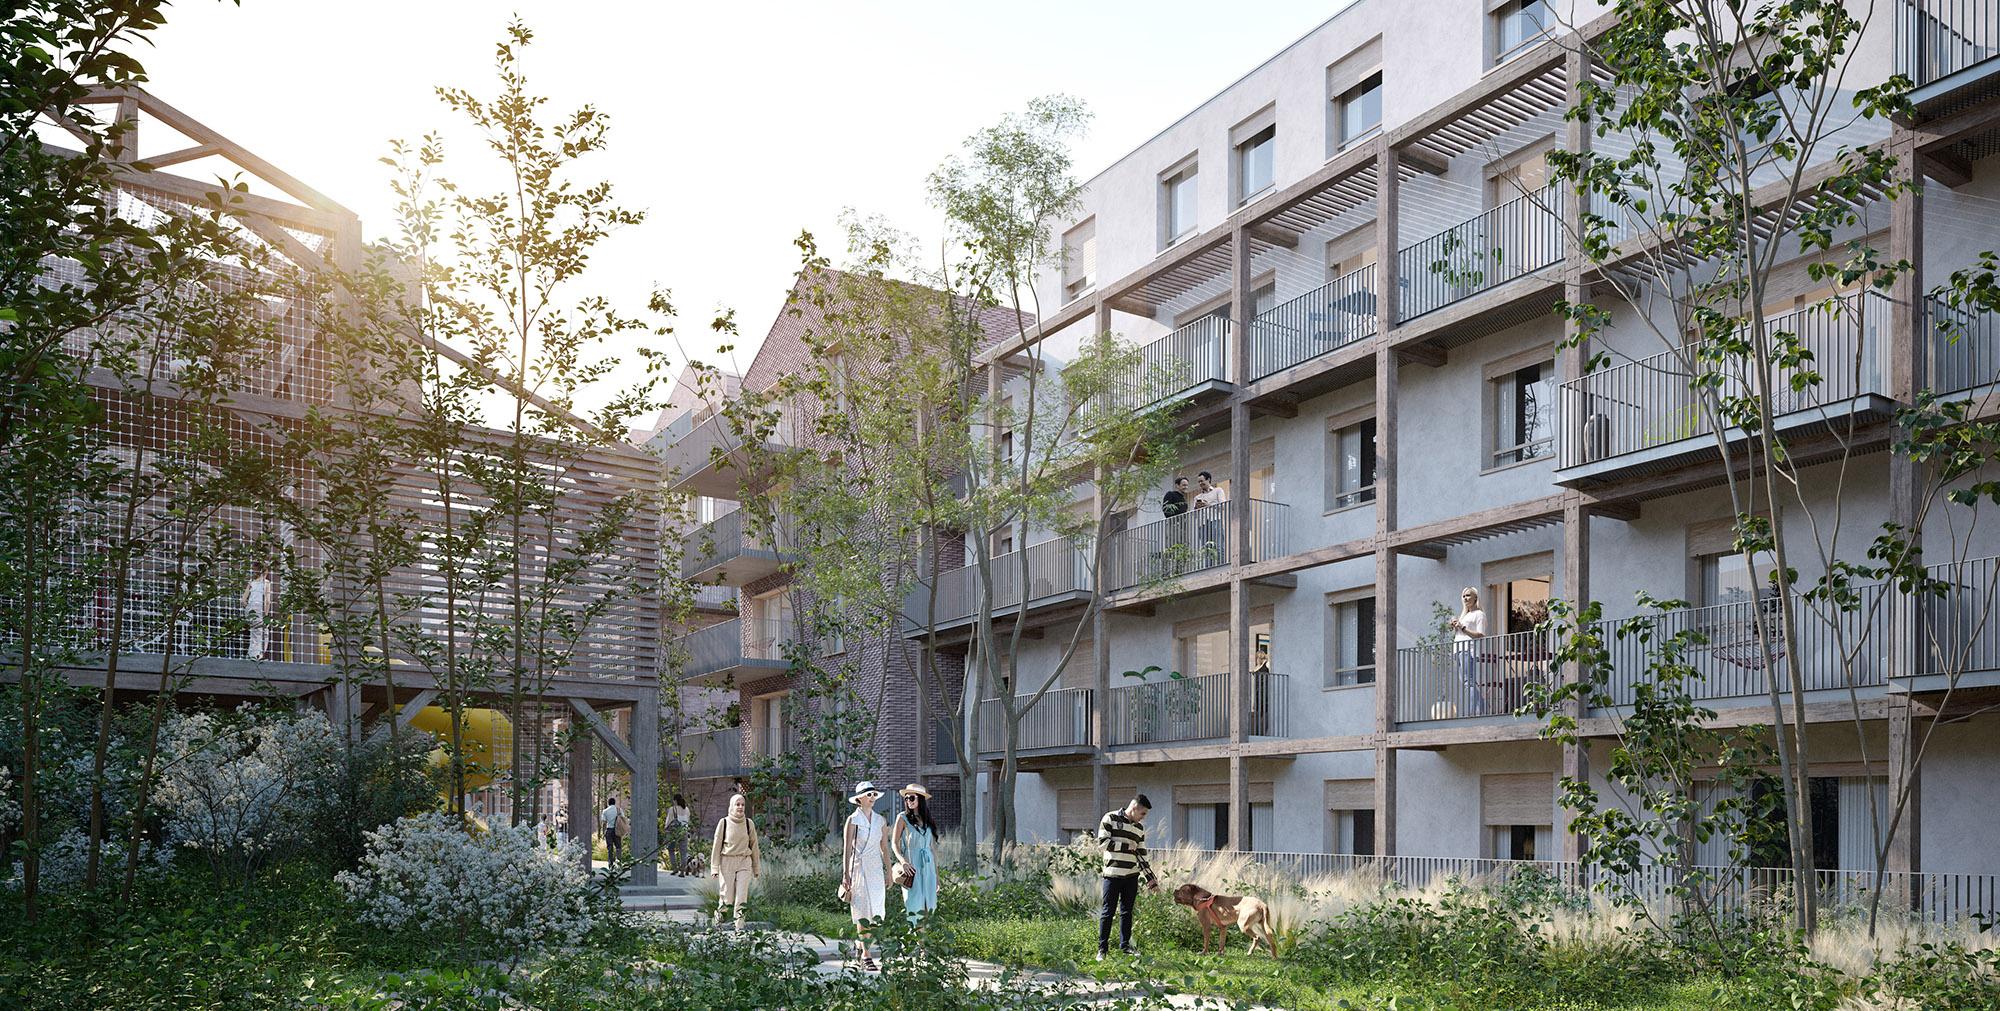 Forêt Busso  - Près-Saint-Gervais - Une architecture intégrée à la forêt nourricière